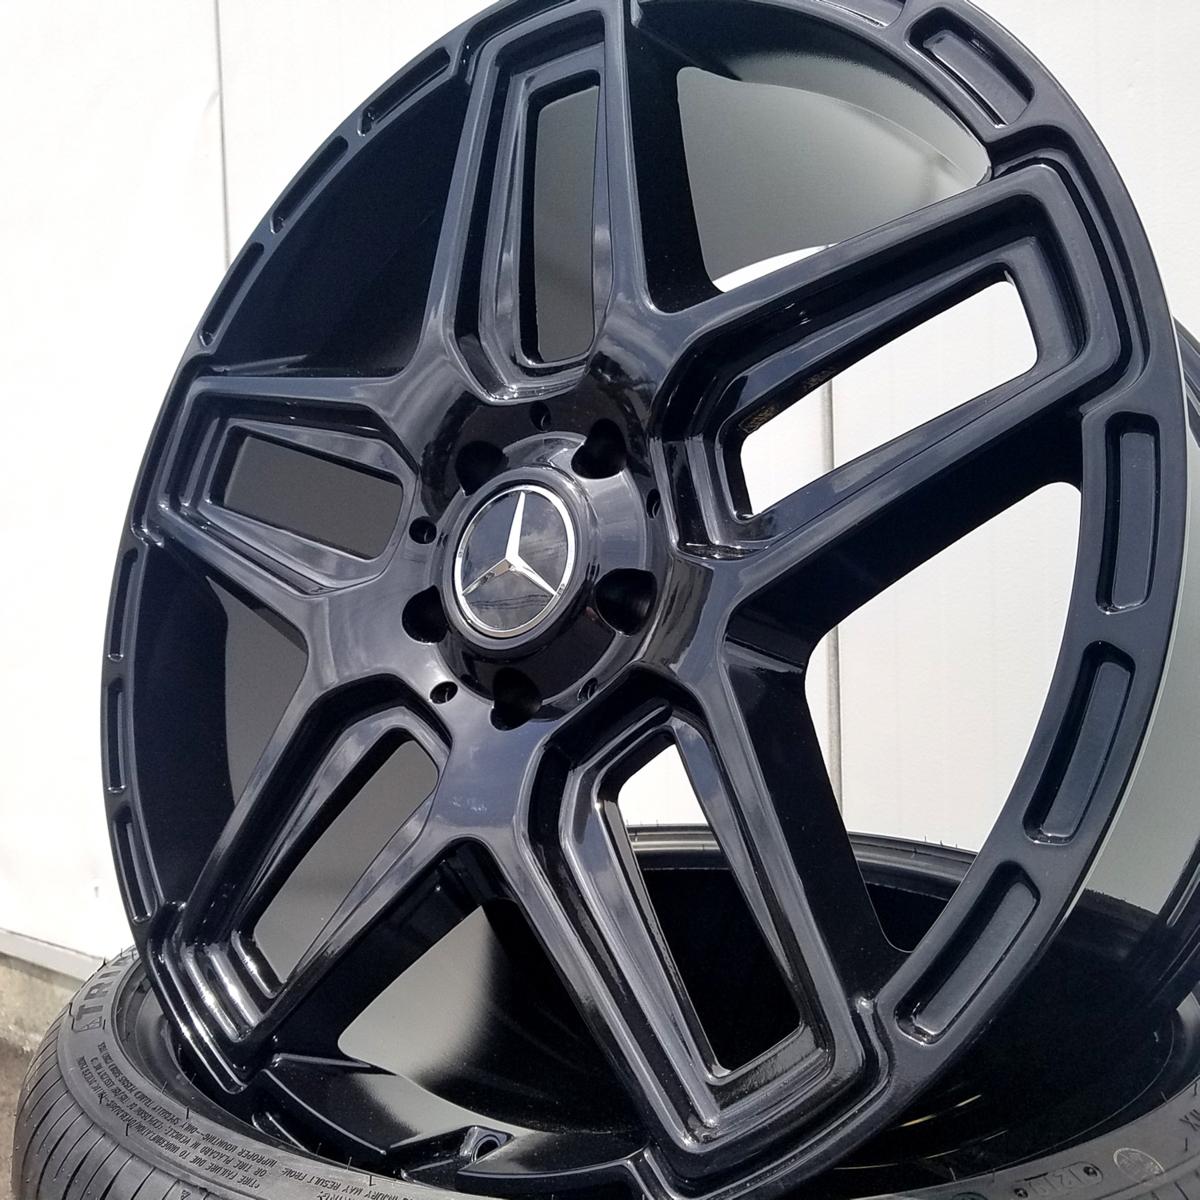 国産タイヤset LEXXEL Anthem メルセデス ベンツ Gクラス ゲレンデ G63 G65 G550 G500 G350 YOKOHAMA PARADA SPEC-X 285/45R22 22インチ_画像7